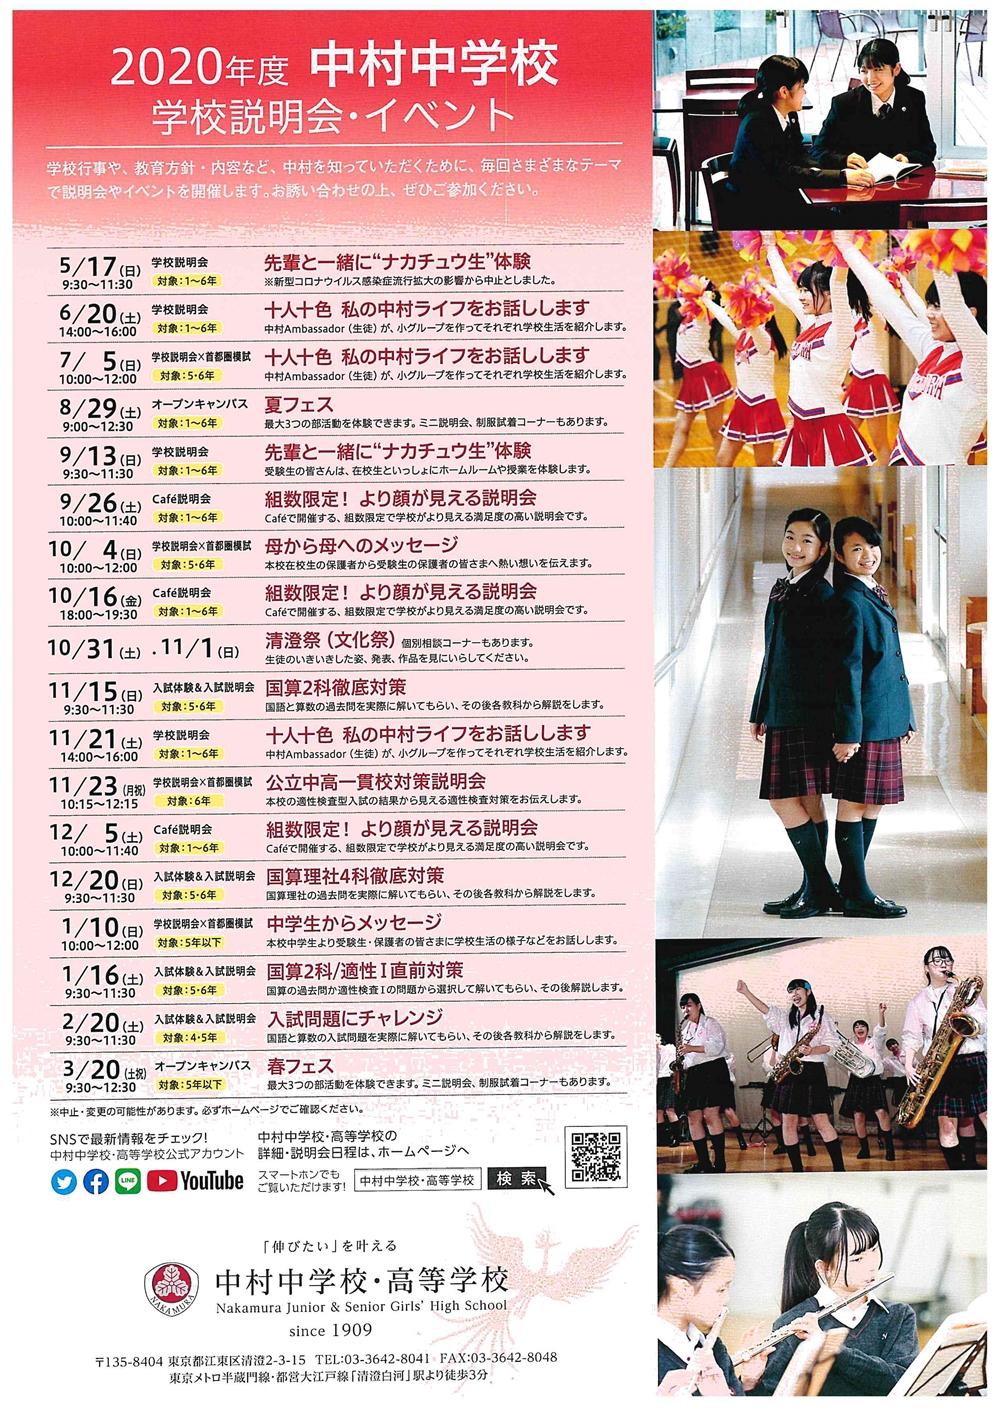 中村 高校 ホームページ